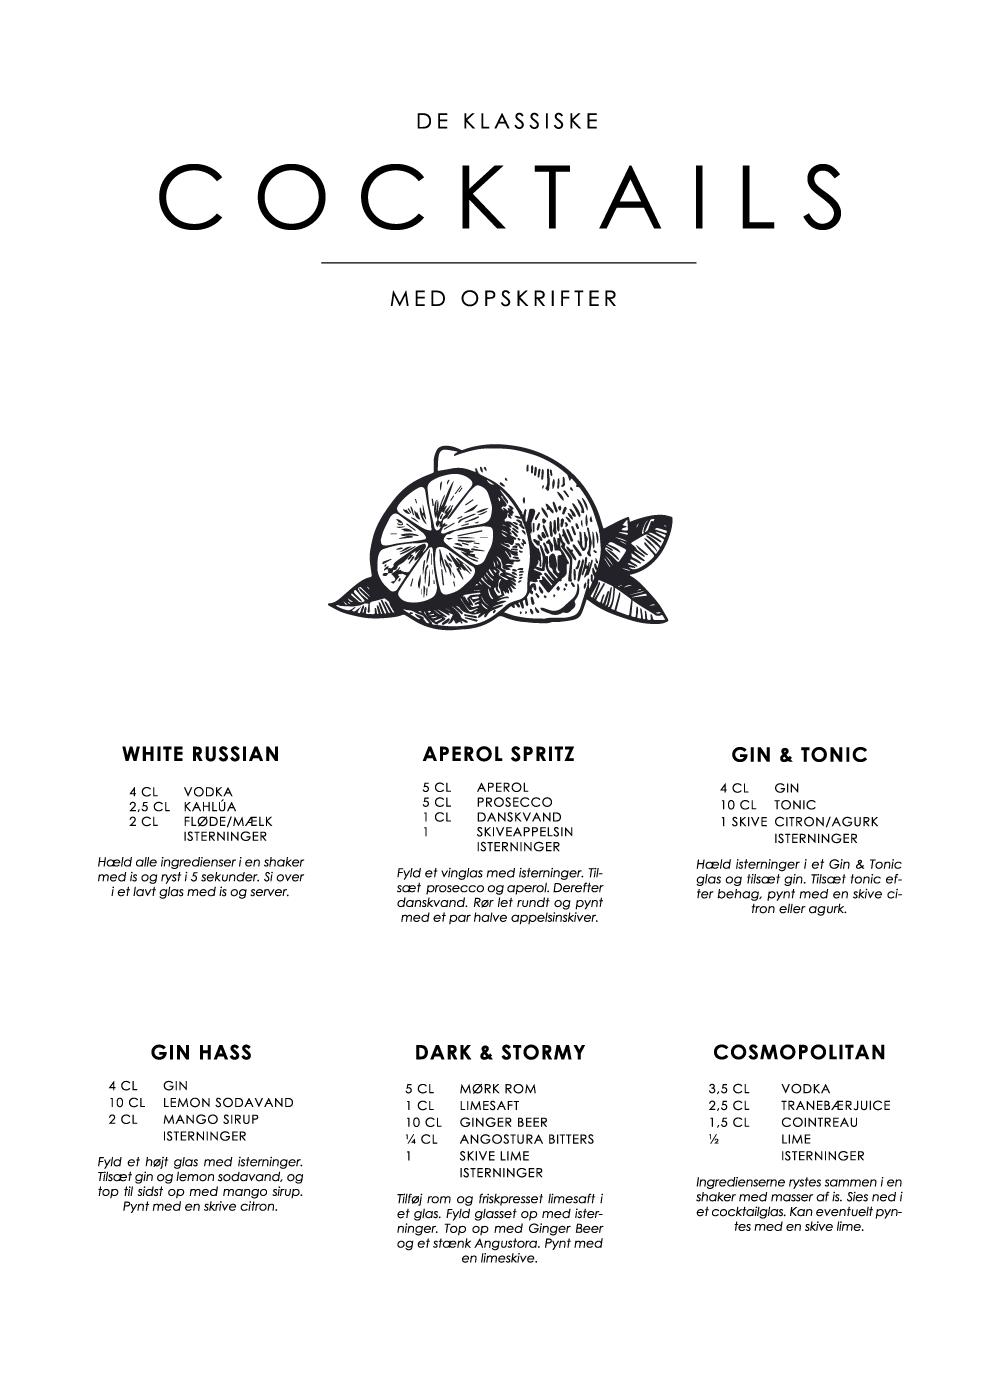 Billede af Cocktails opskrifter plakat - De klassiske nr. 1